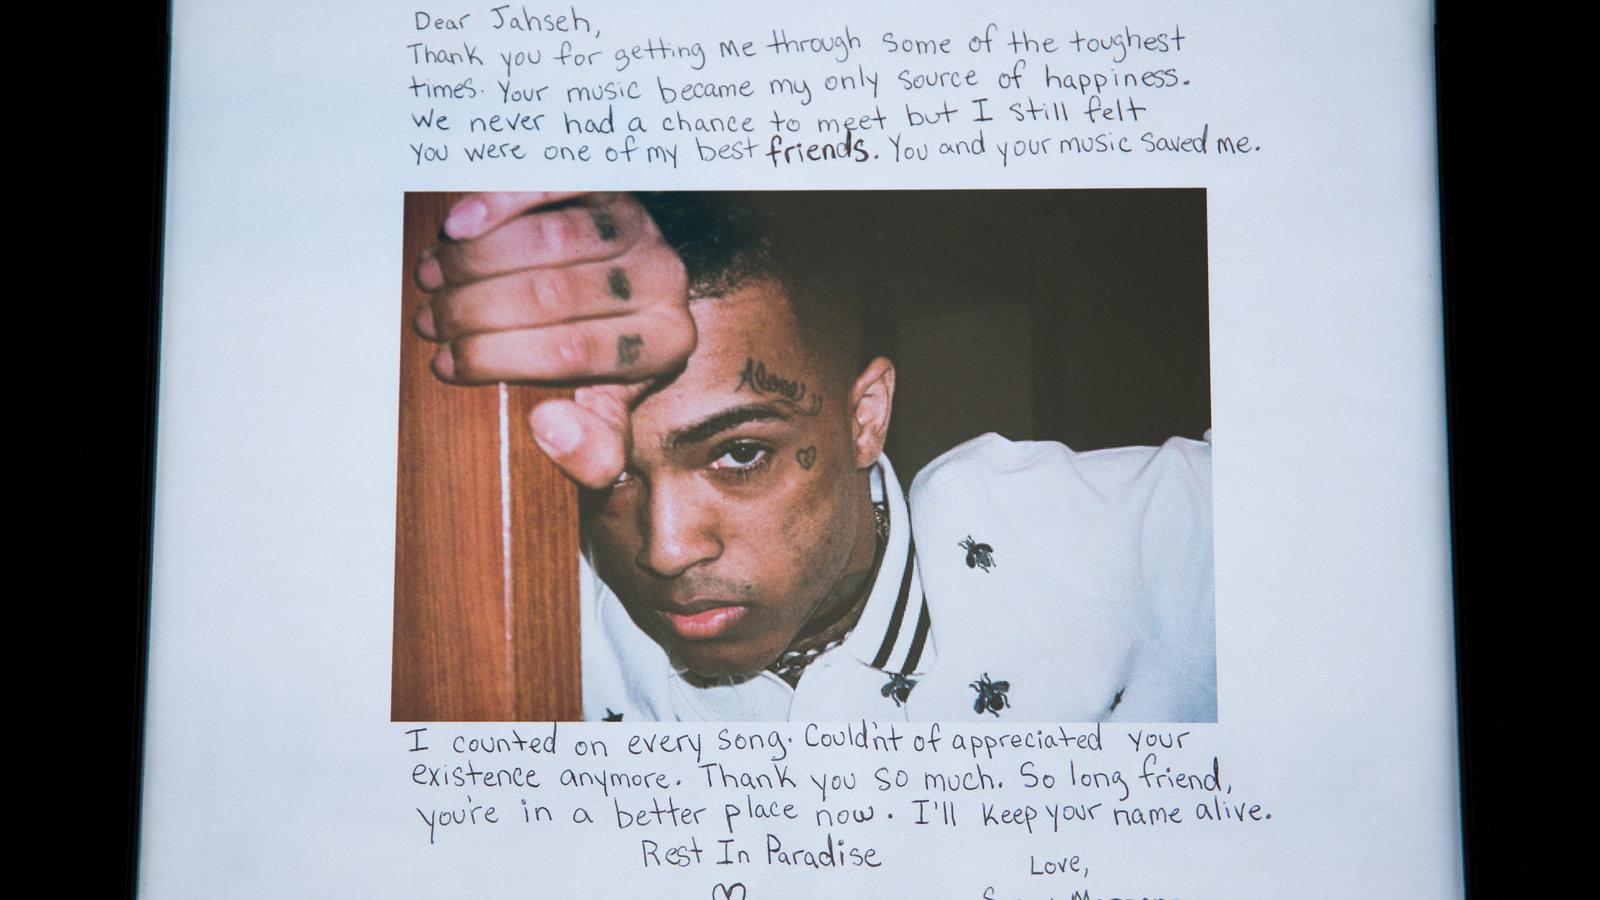 XXXTentacion Signed 10 Million Album Deal Before His